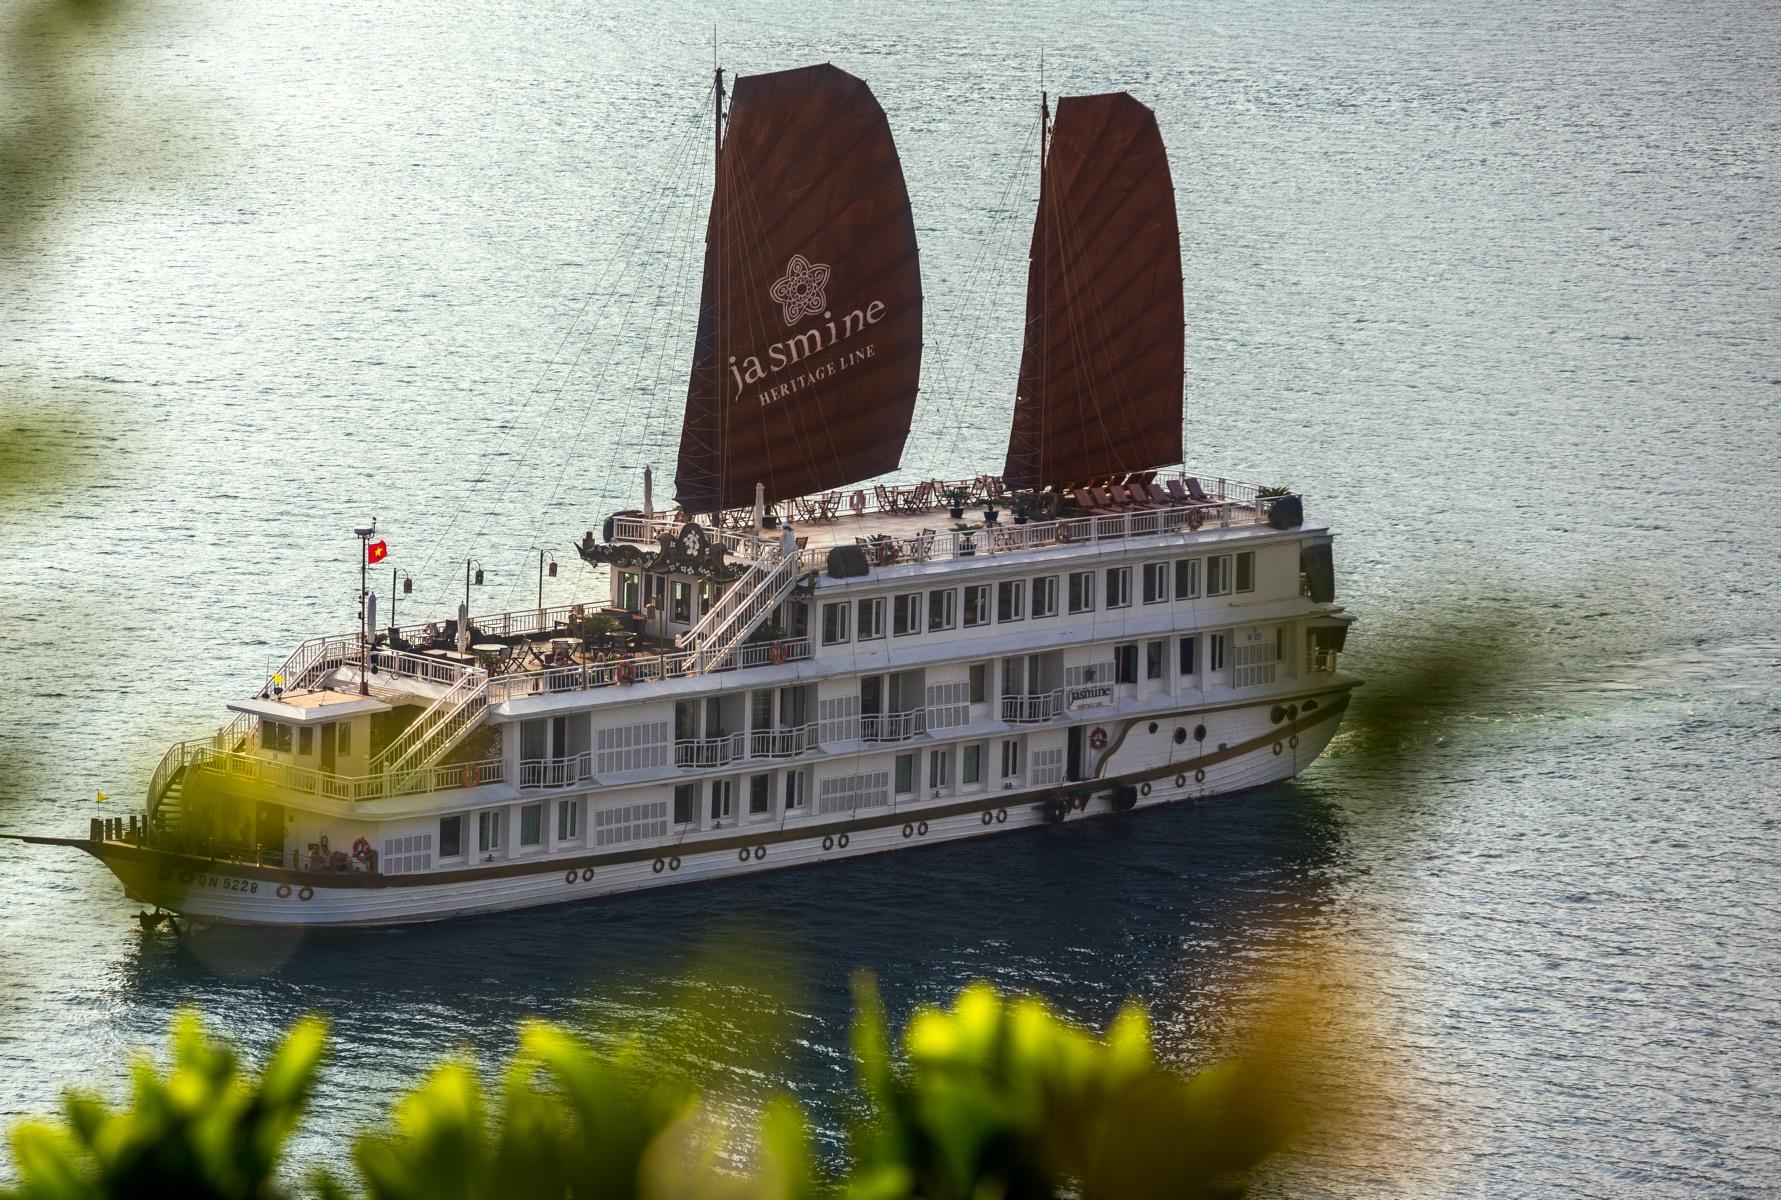 Die Jasmine der Heritage Line in der Halong Bucht